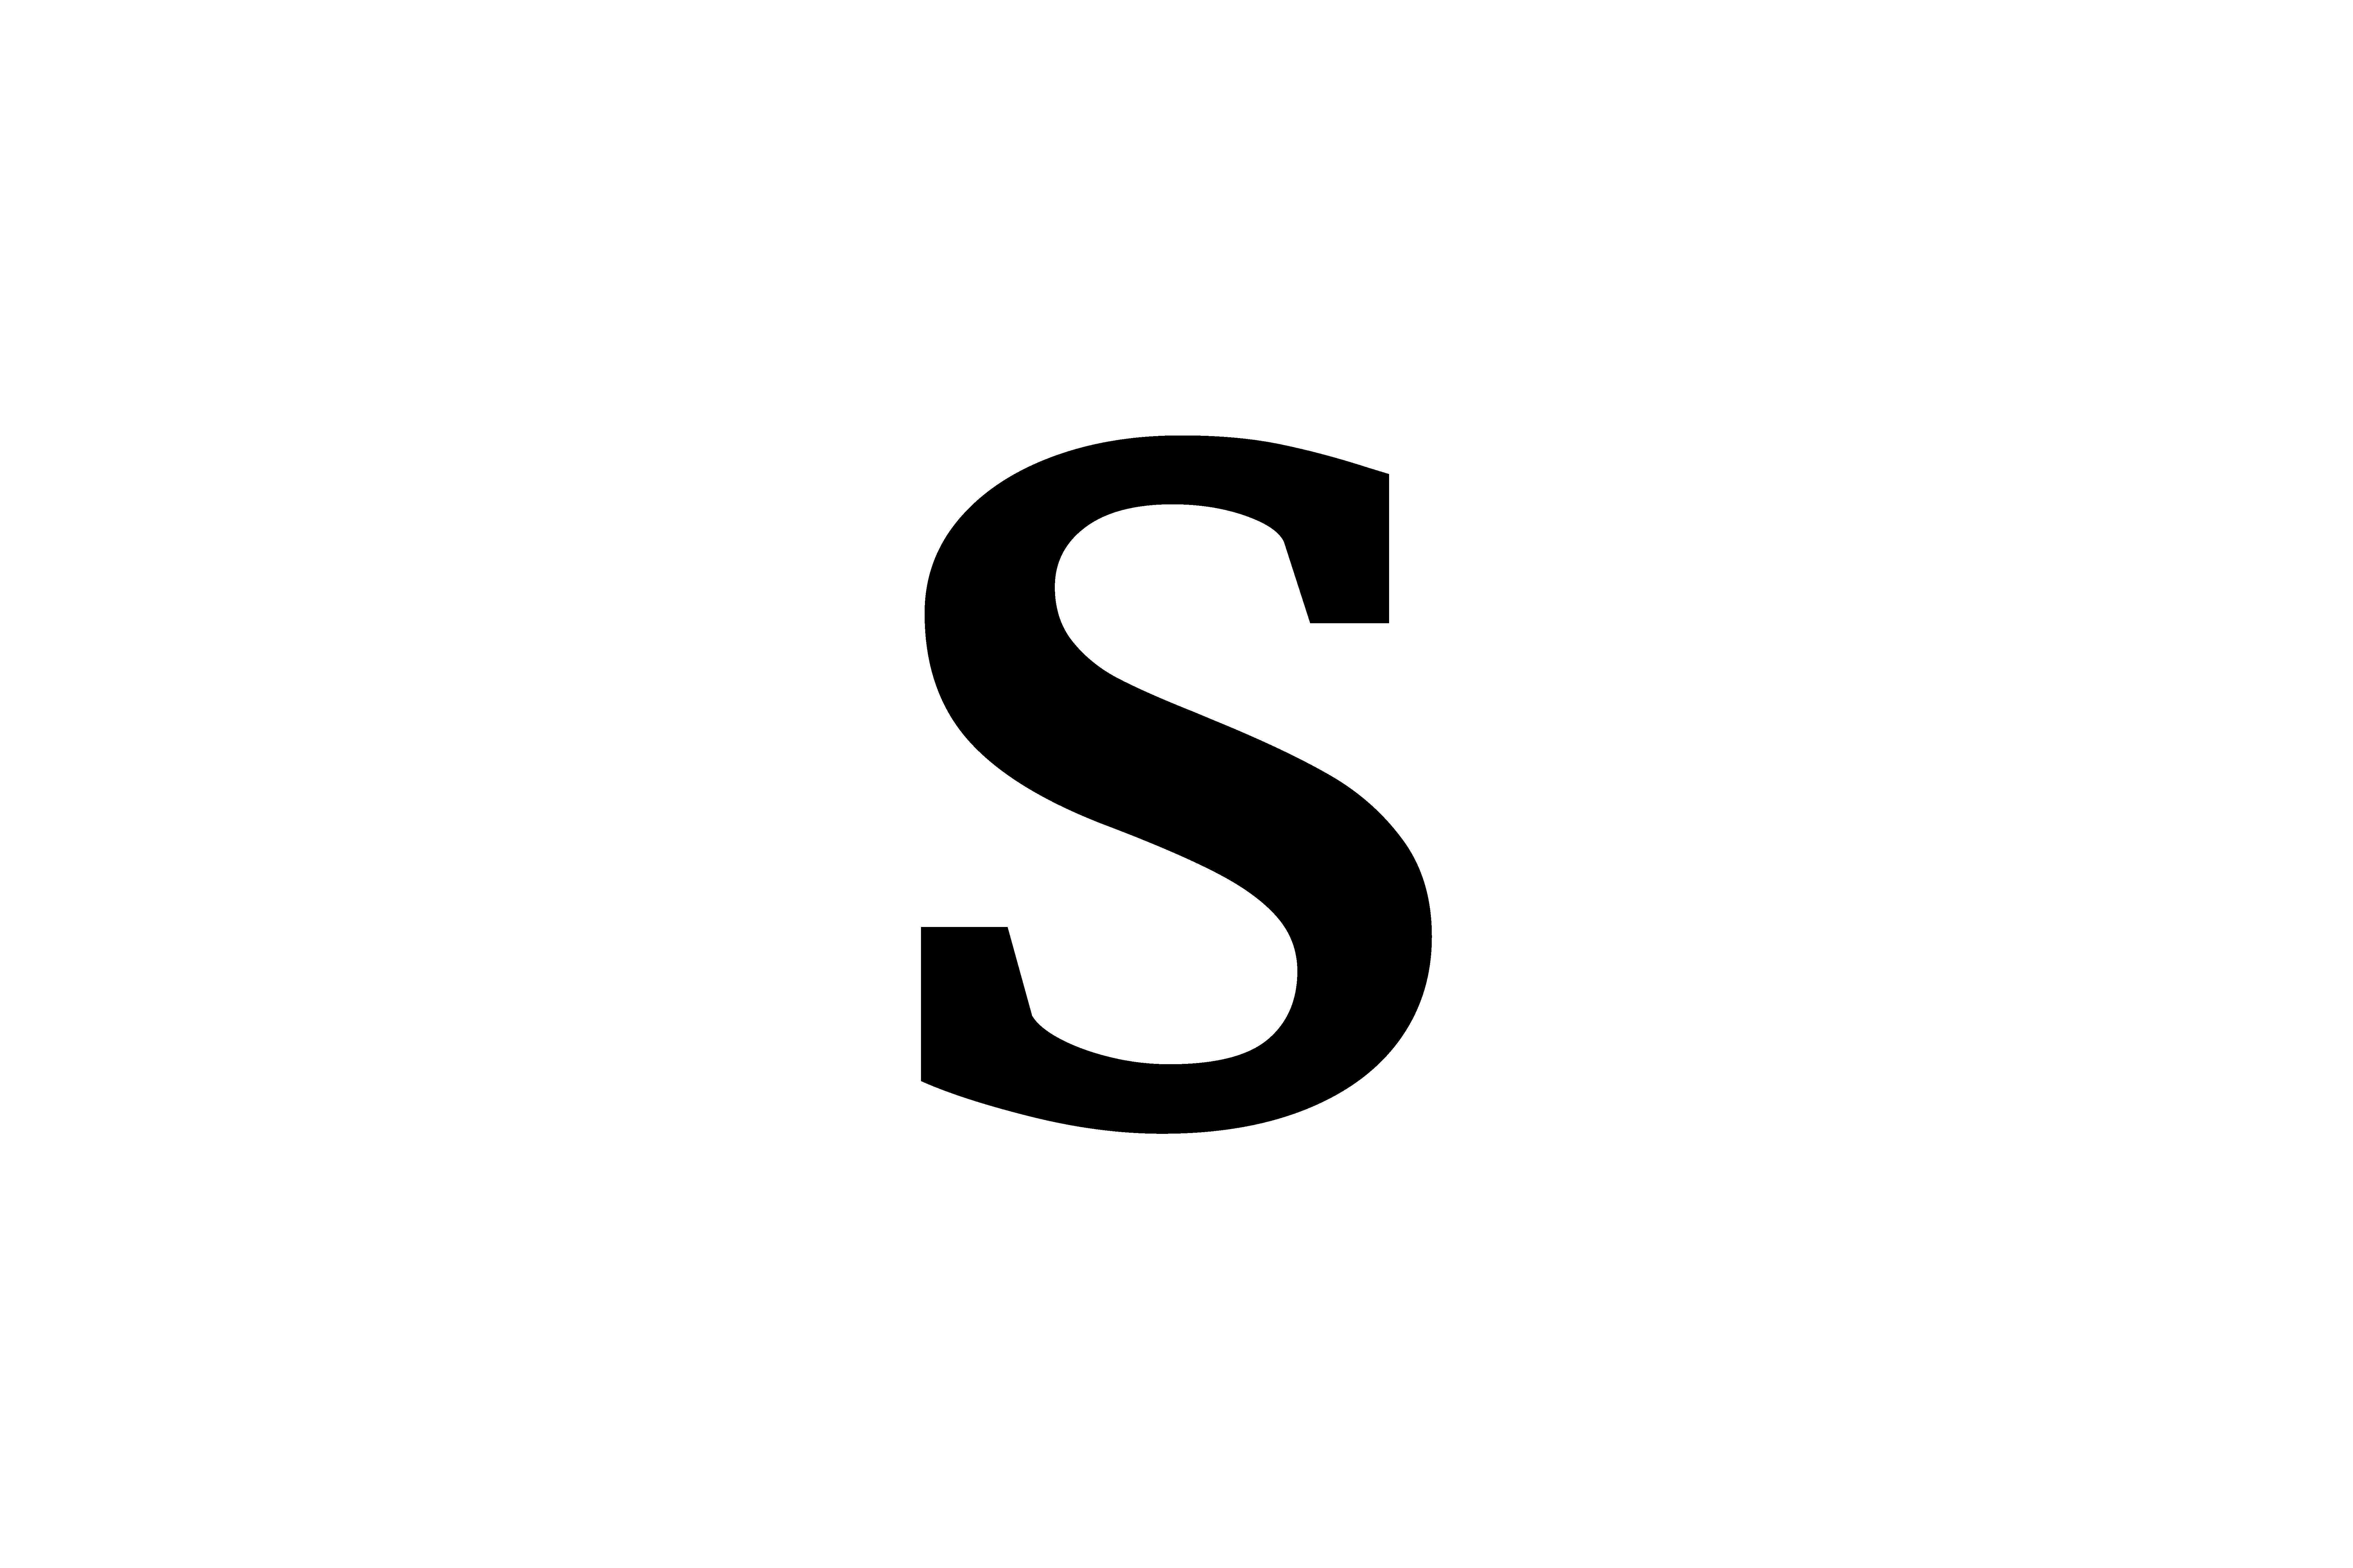 befor logo